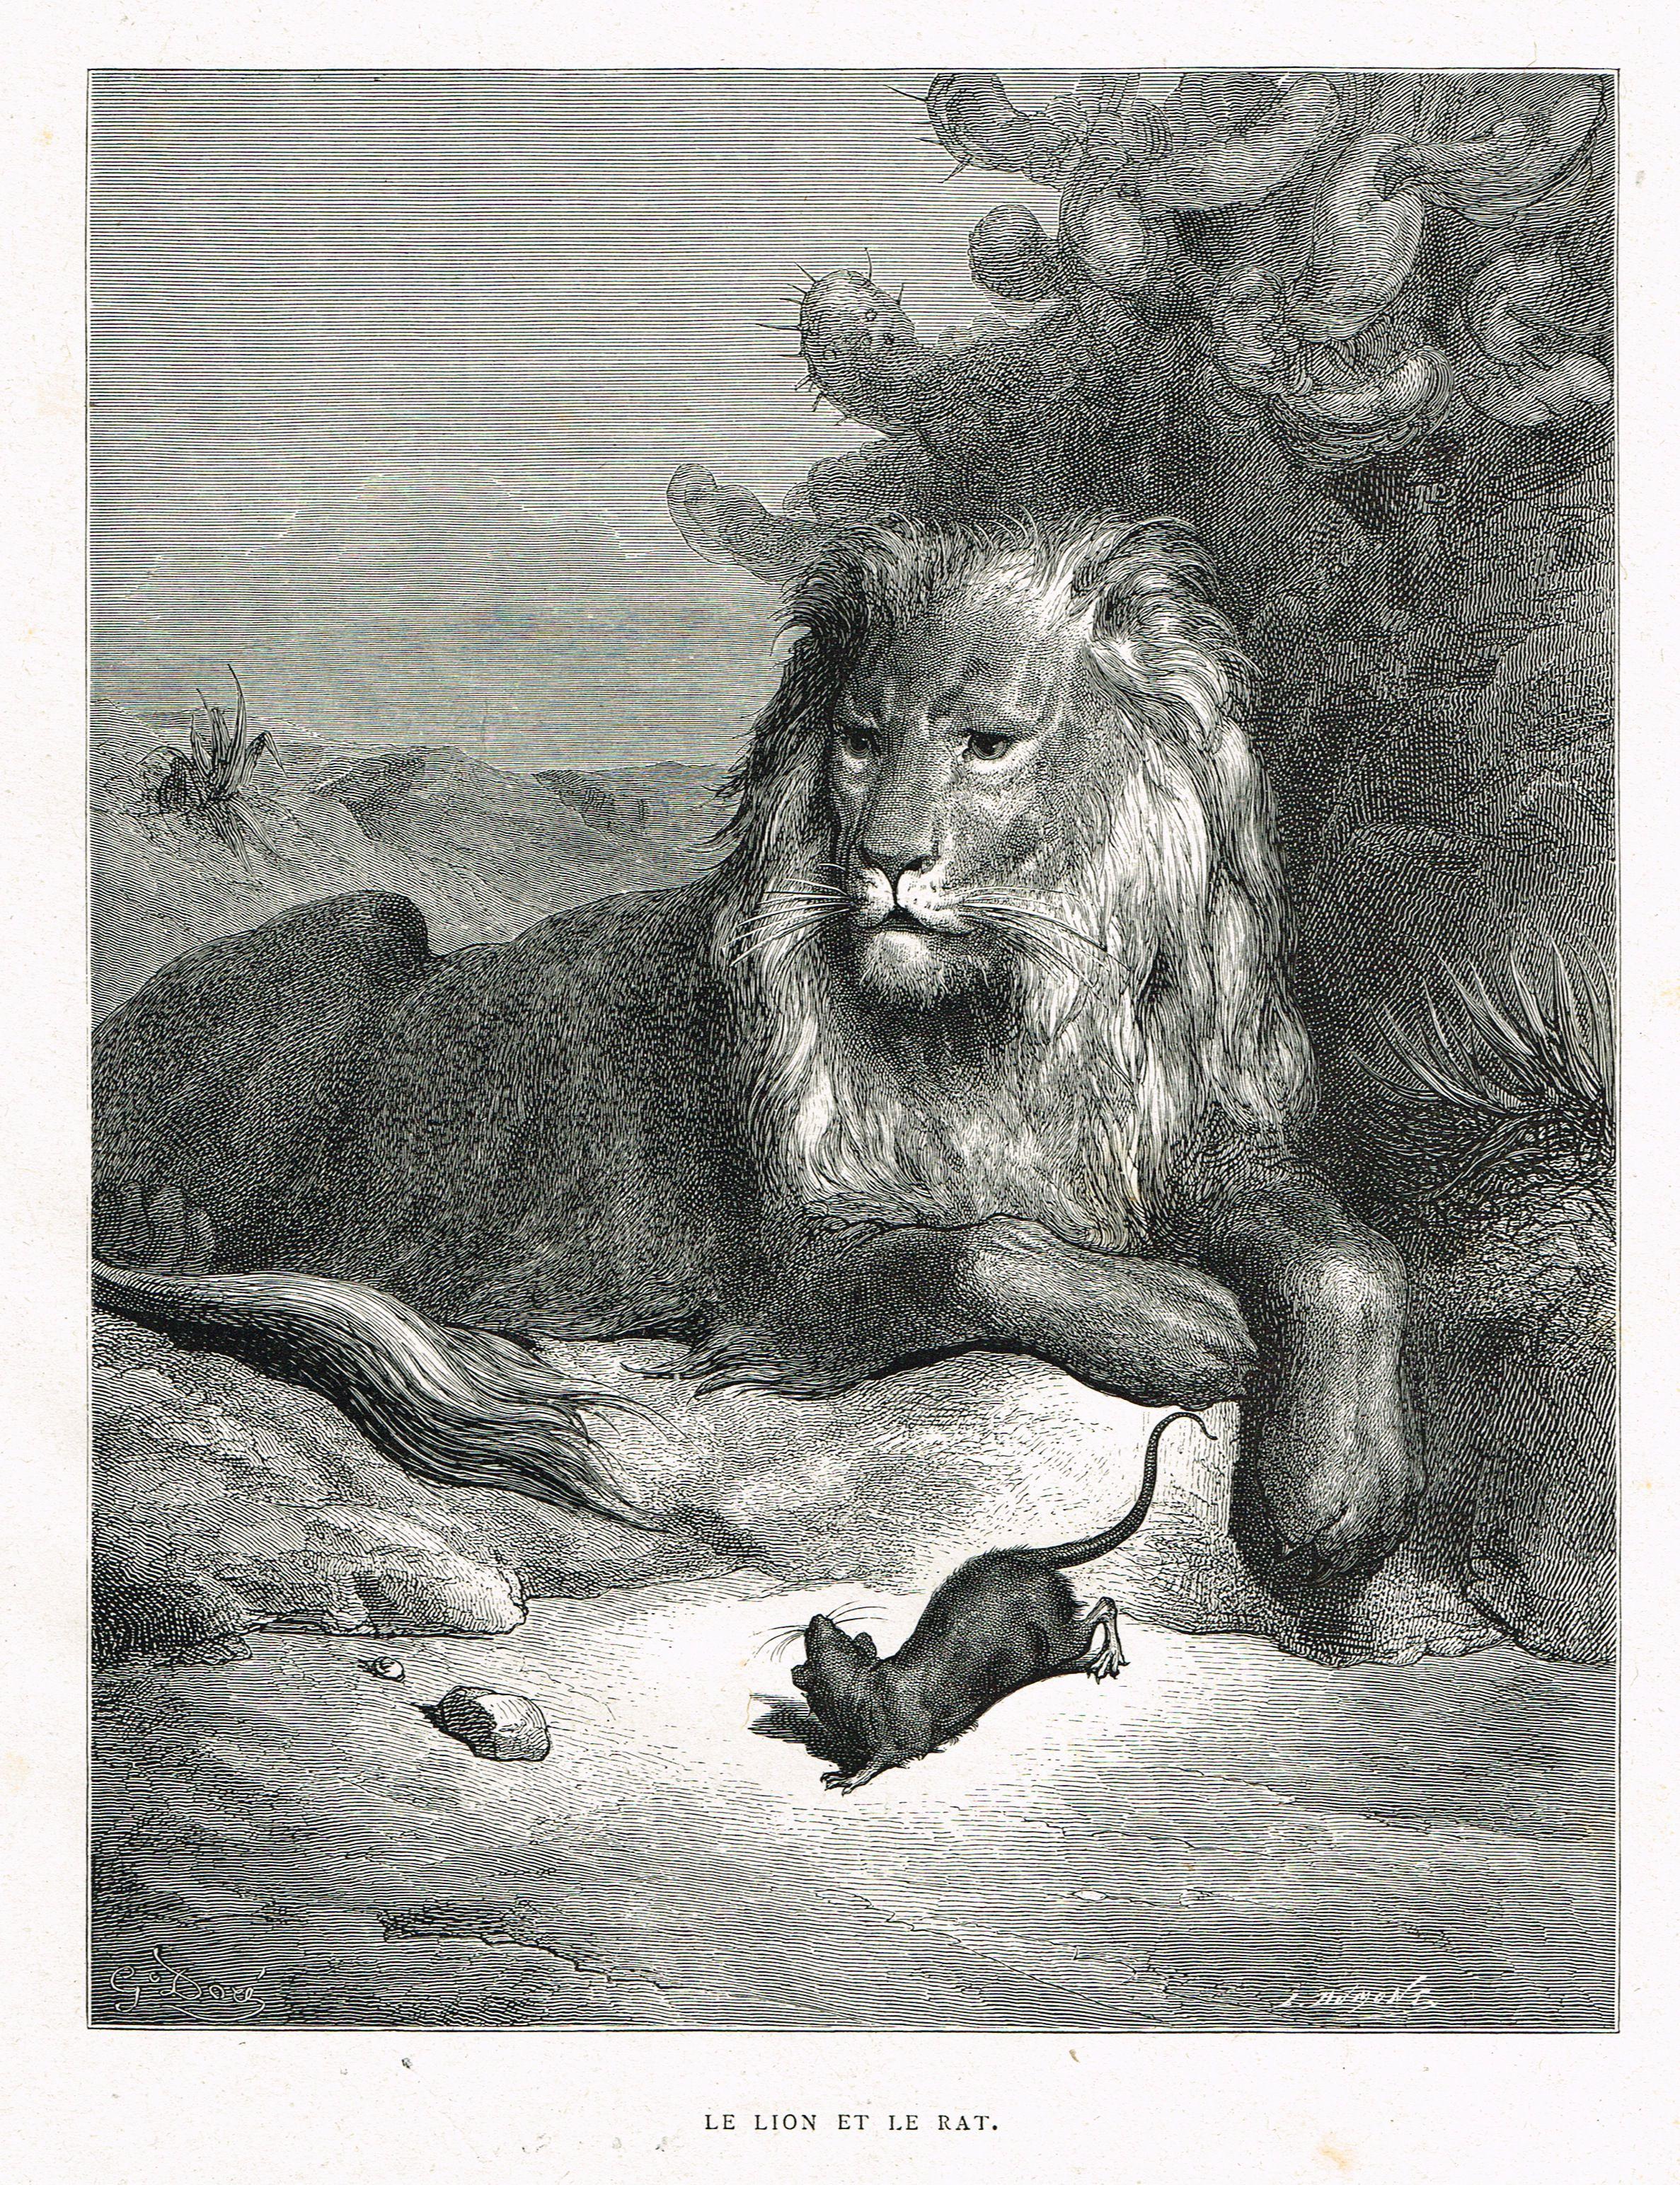 Le lion et le rat fable de jean de la fontaine illustr e - Image le lion et le rat ...